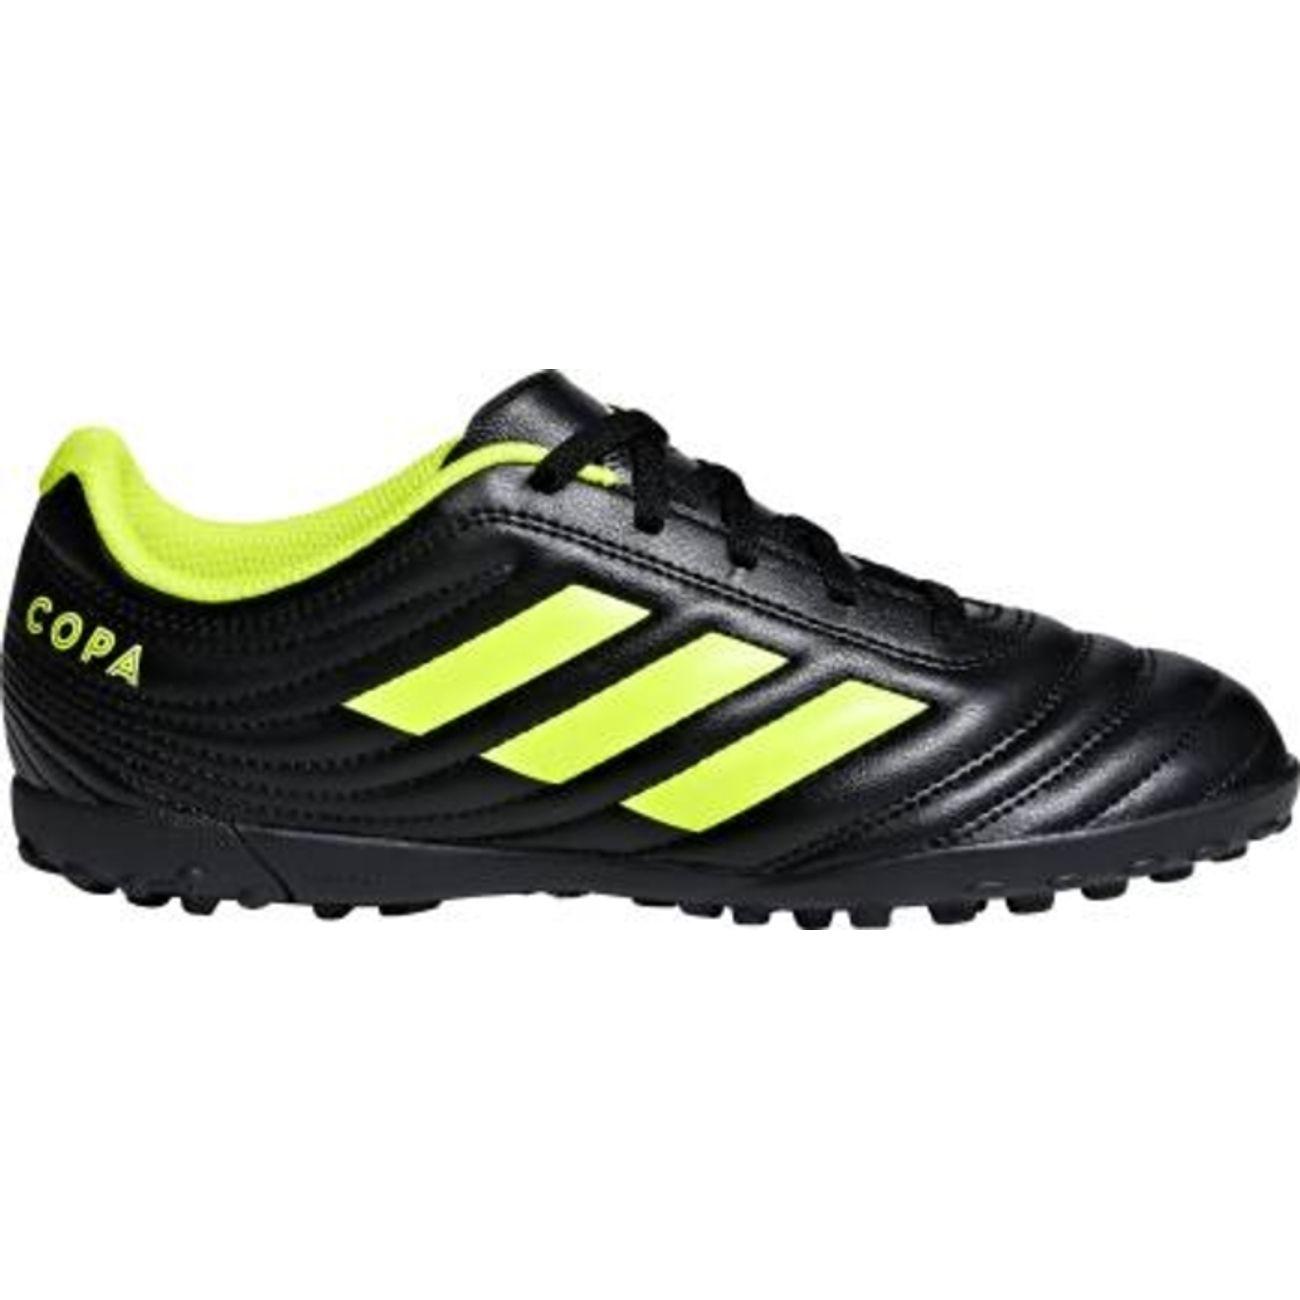 Oxwkizput Junior 19 Basses Tf Football J Adidas Chaussures Copa 4 IvYbf6g7y